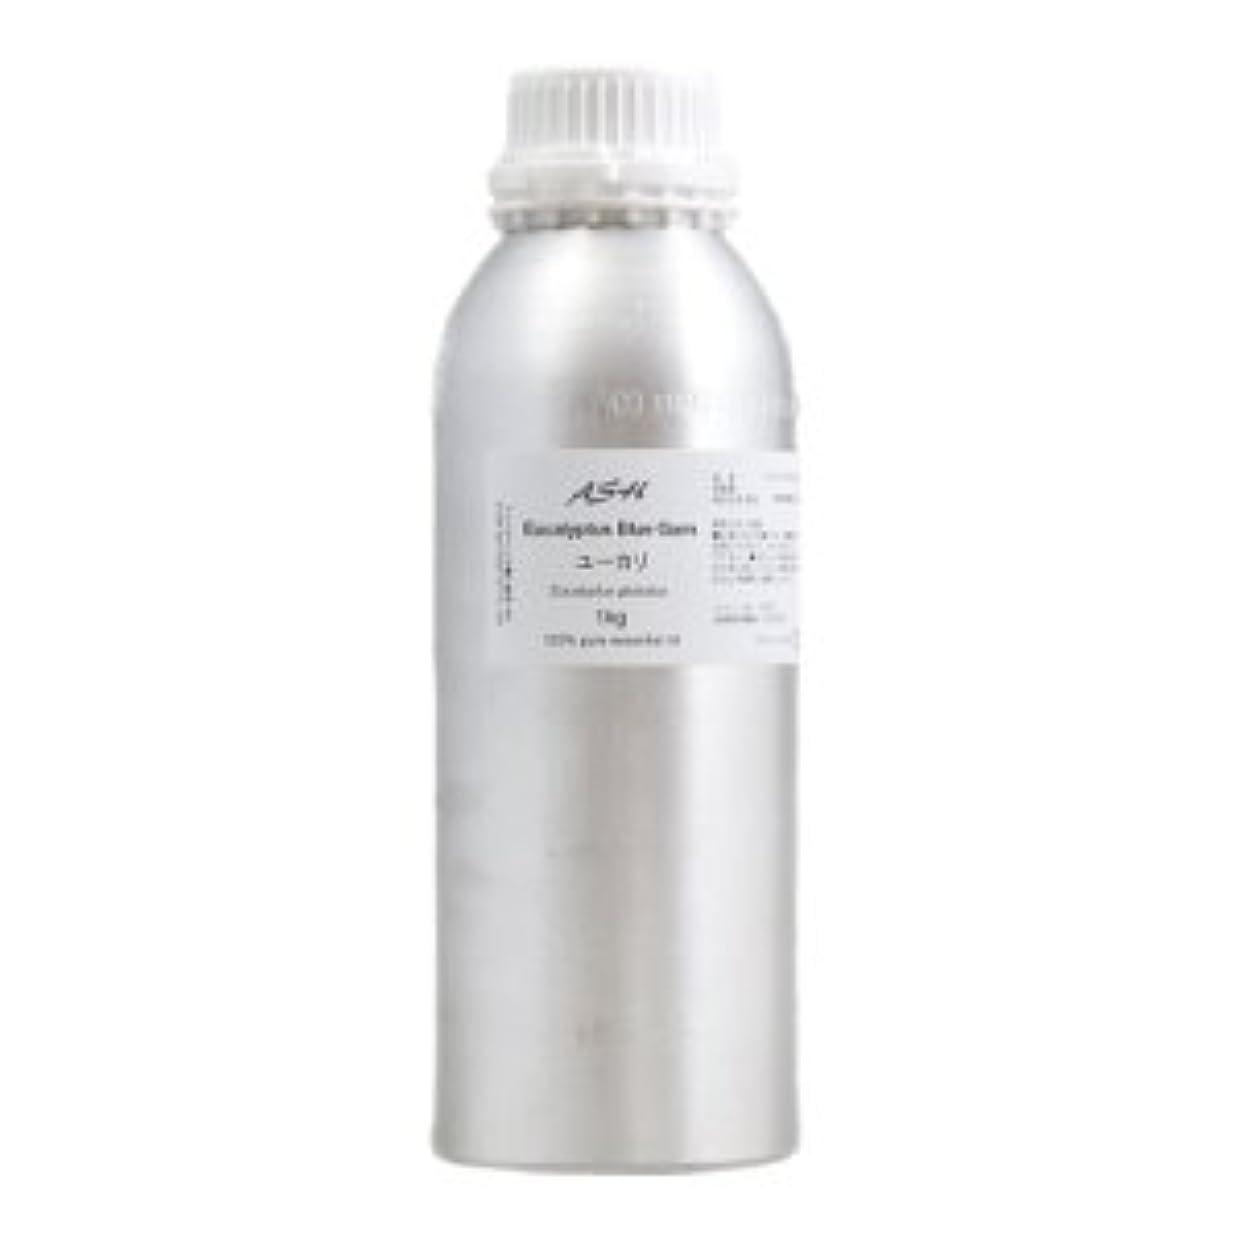 シール数霧ASH ユーカリ エッセンシャルオイル 業務用1kg AEAJ表示基準適合認定精油